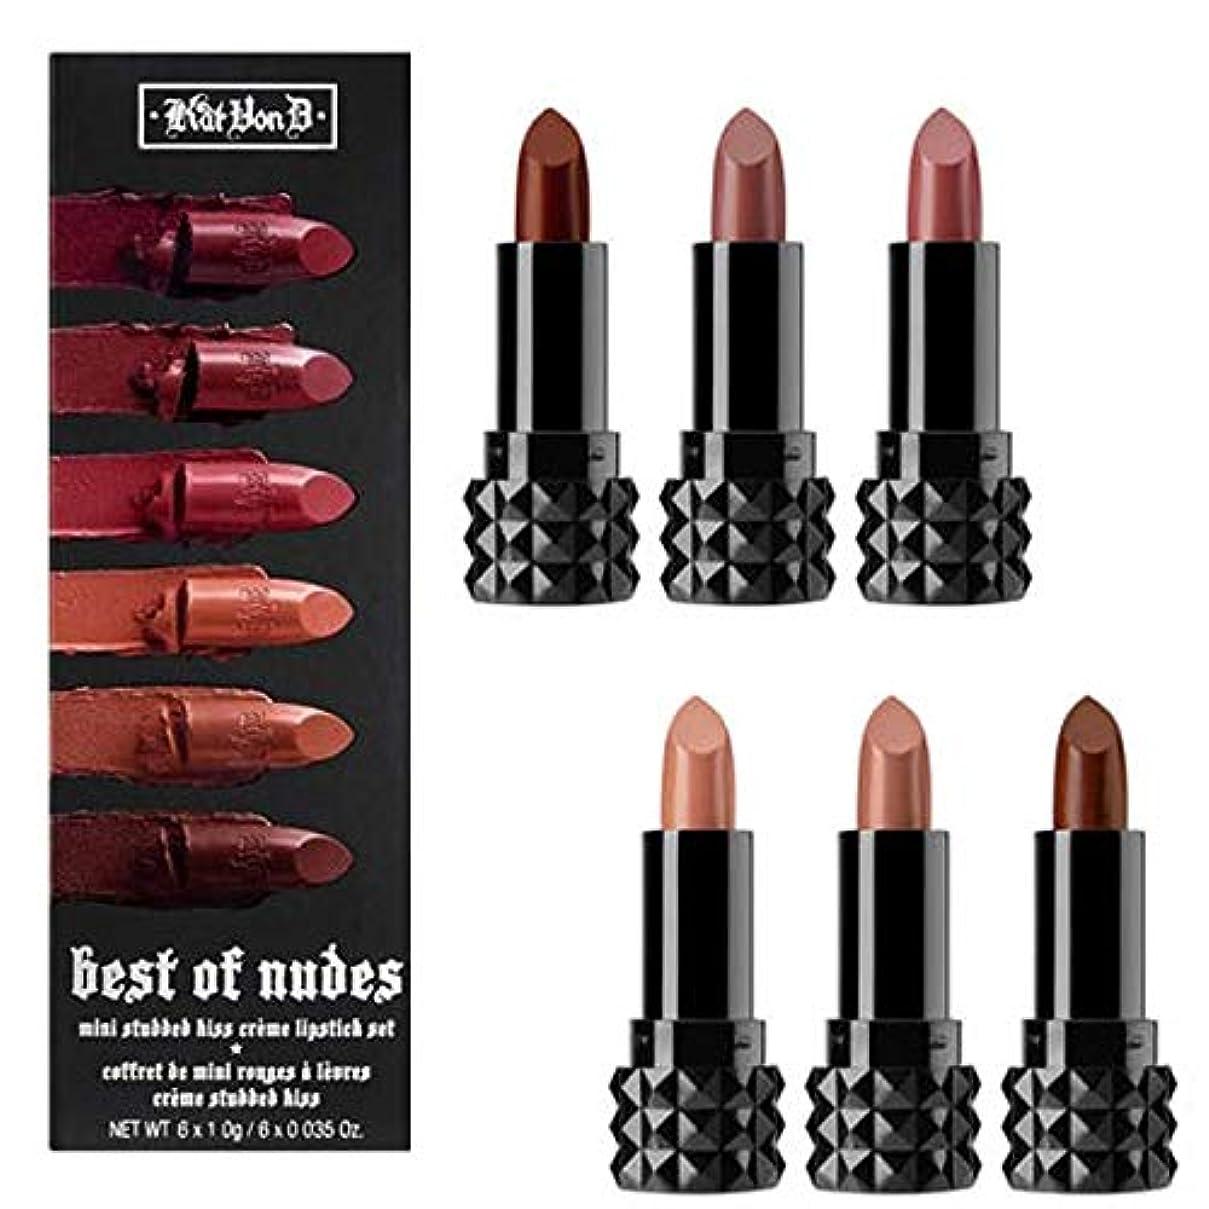 サミュエル湿ったアナウンサーKat Von D キャットヴォンD, 限定版 Best of Nudes Mini ミニ Studded Kiss Crème Lipstick Set [並行輸入品] [海外直送品]